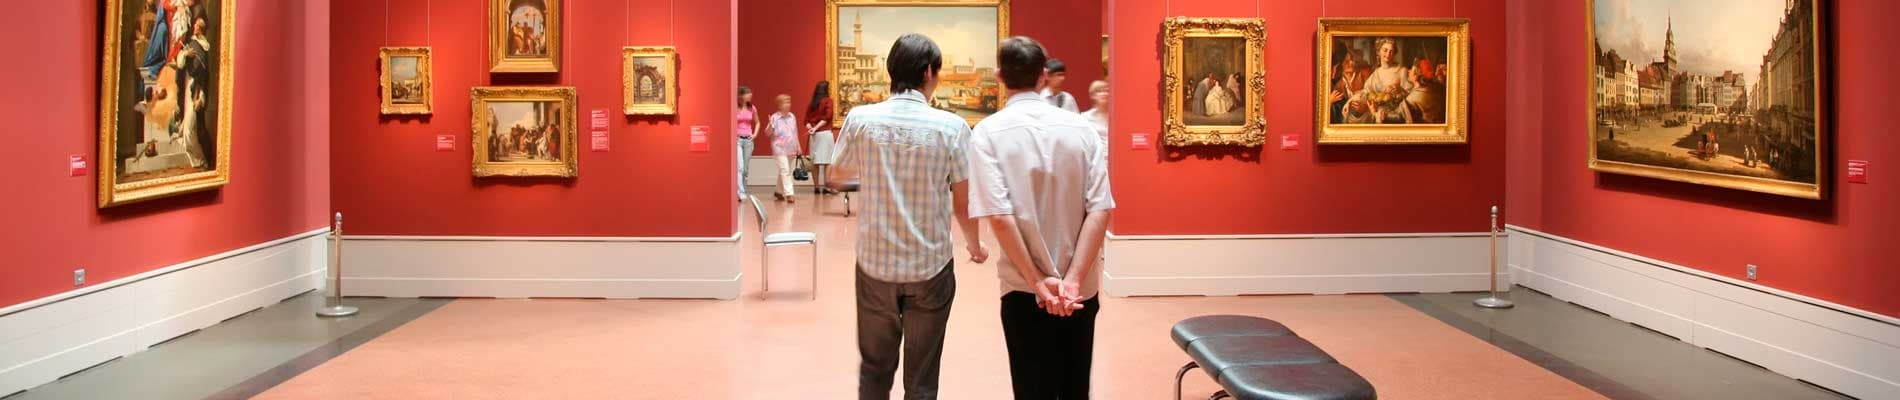 Historia e historia del arte